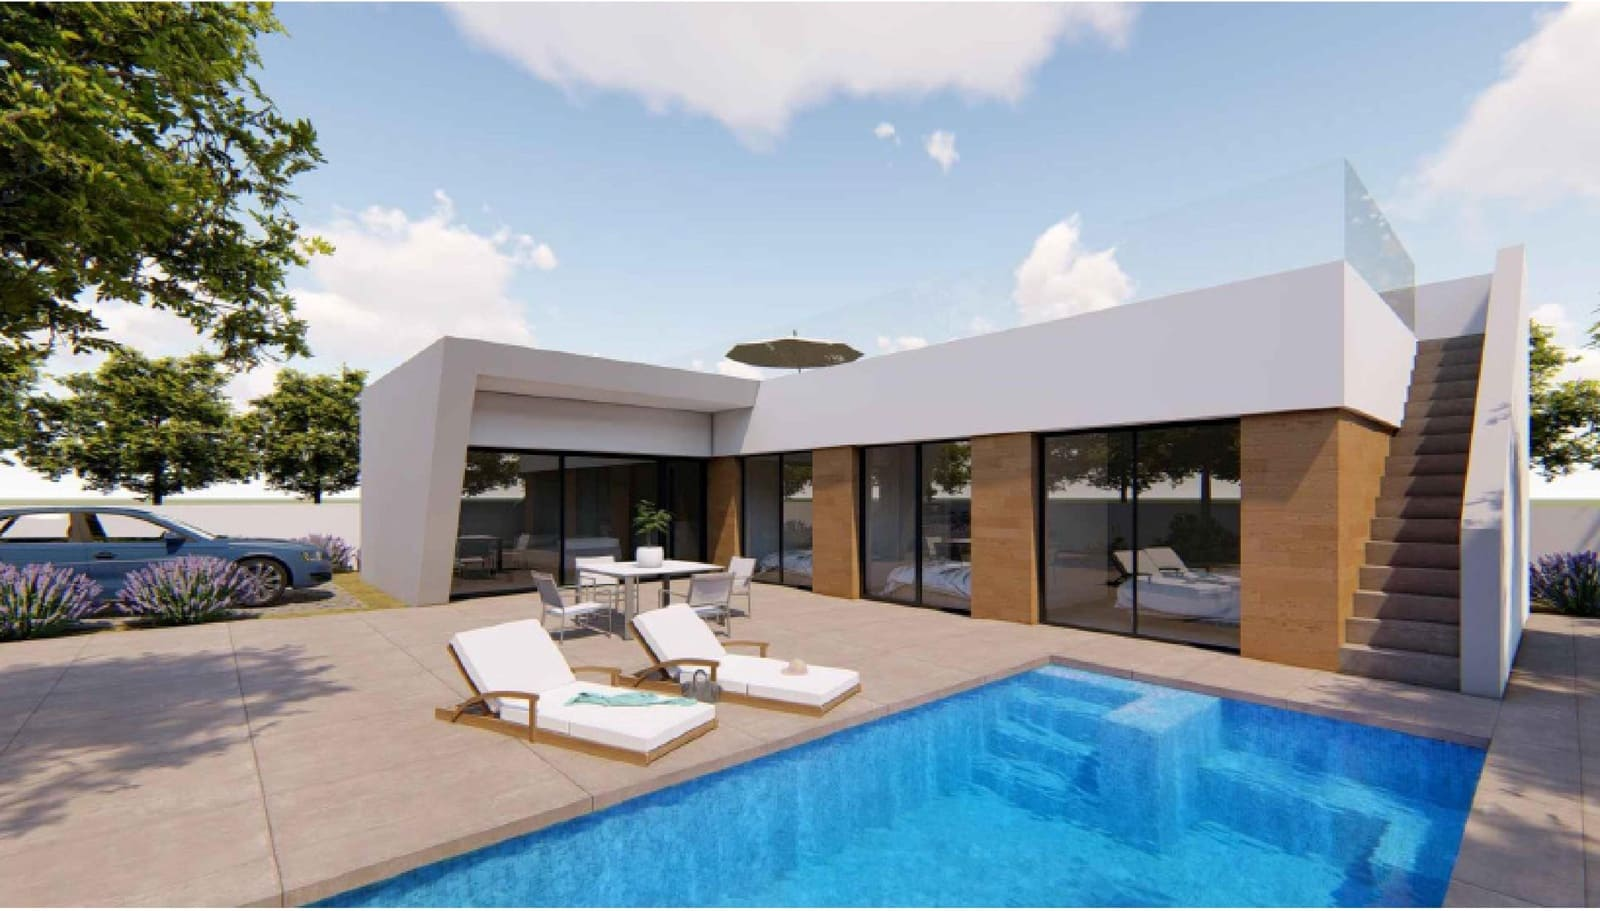 Chalet de 4 habitaciones en Benijófar en venta con piscina garaje - 339.000 € (Ref: 5081955)